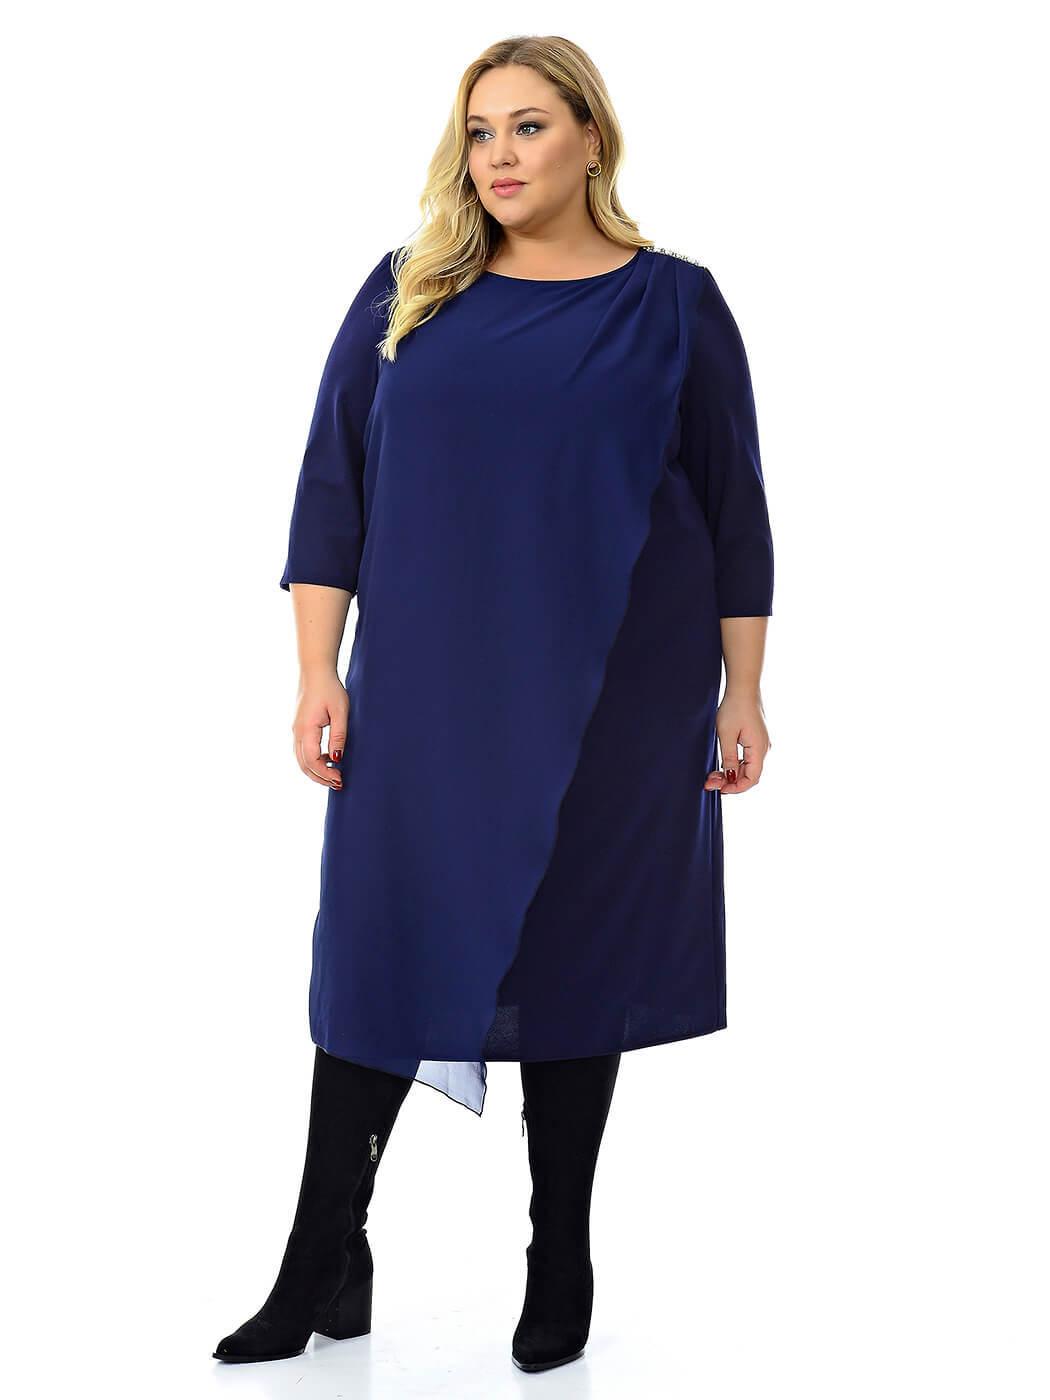 Синее нарядное платье 74 размера